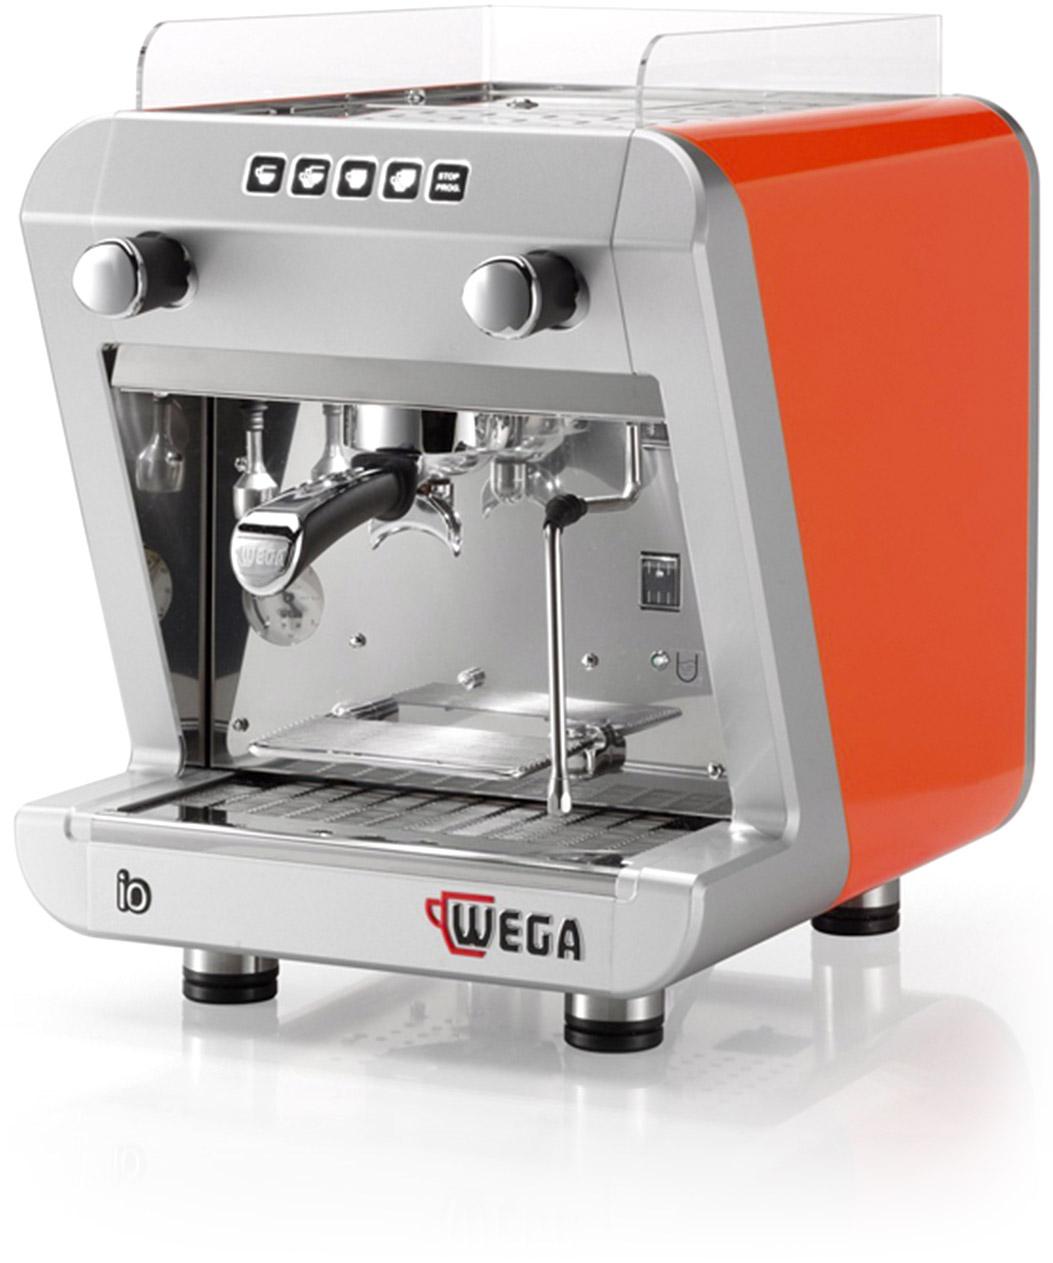 macchine caffè in comodato d'uso